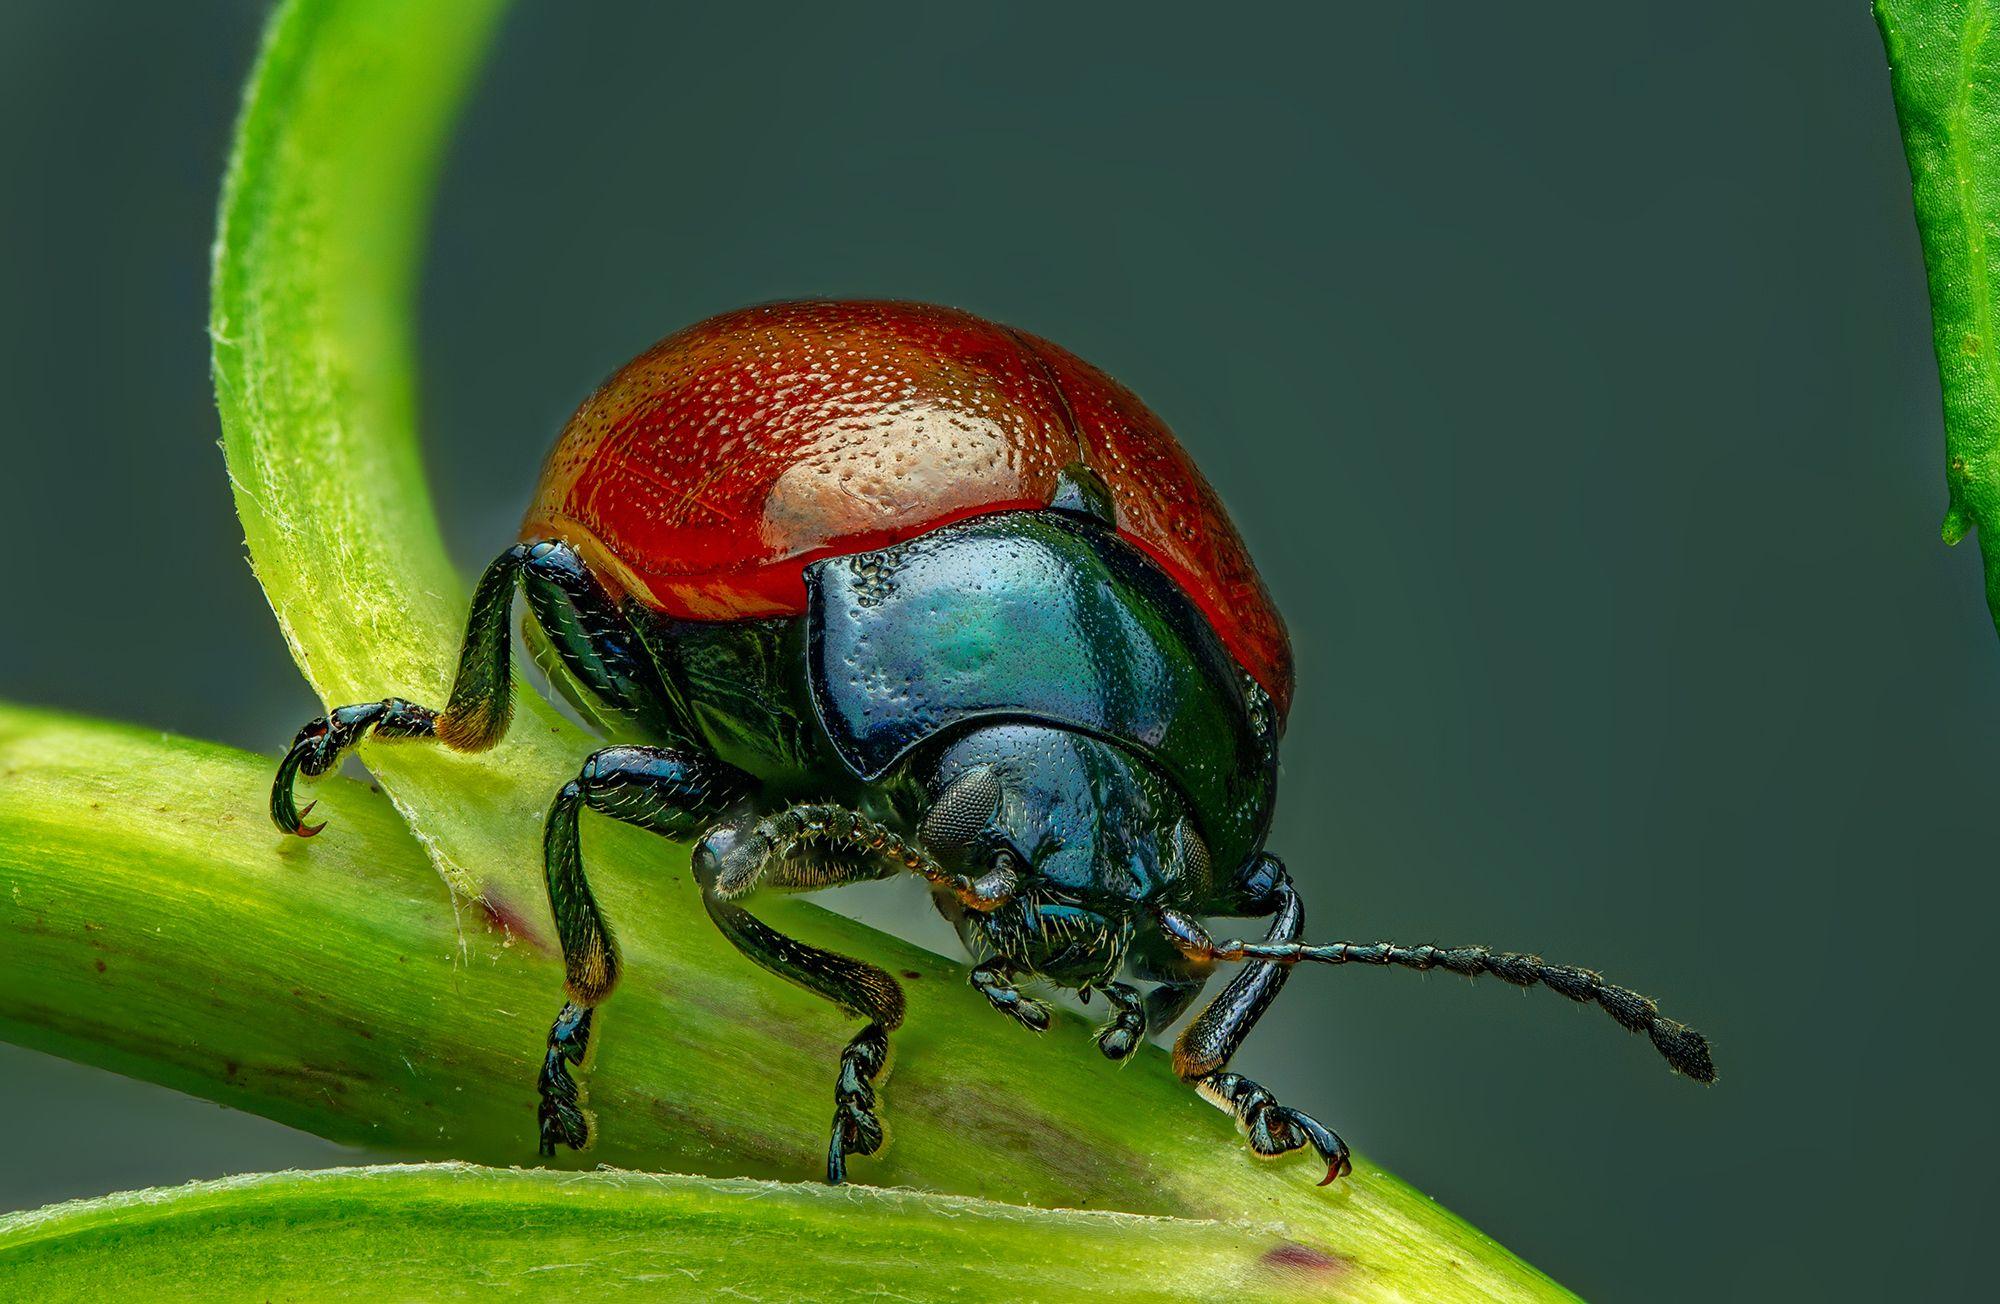 листоед, макро, макрофото, природа, насекомые, лето, сад, огород, Радьков Иван